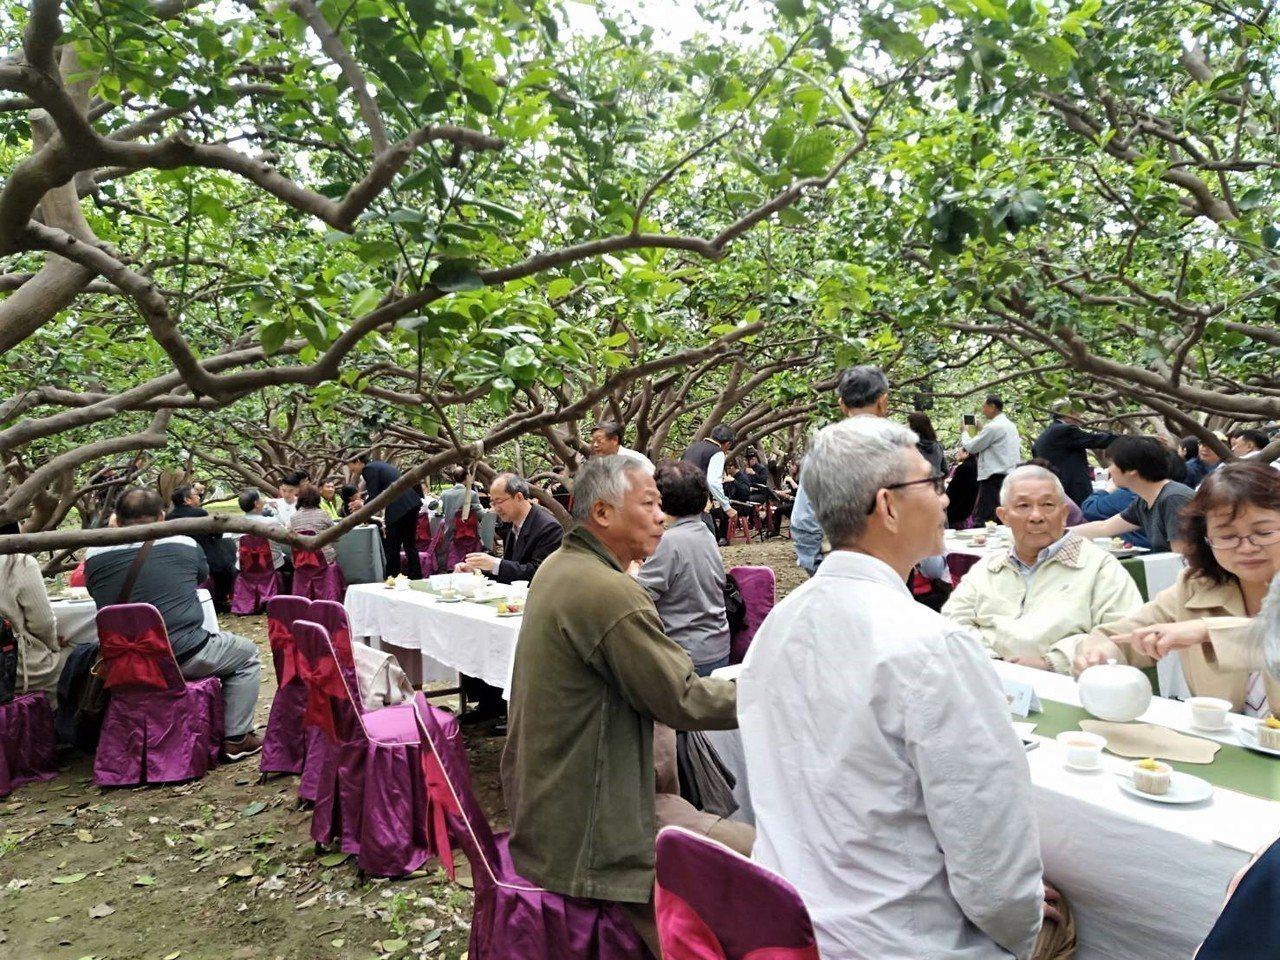 台南市文化局今天在麻豆區磚井社區柚花巷舉辦的「柚花巷茶席音樂會」,在柚花清香中品...